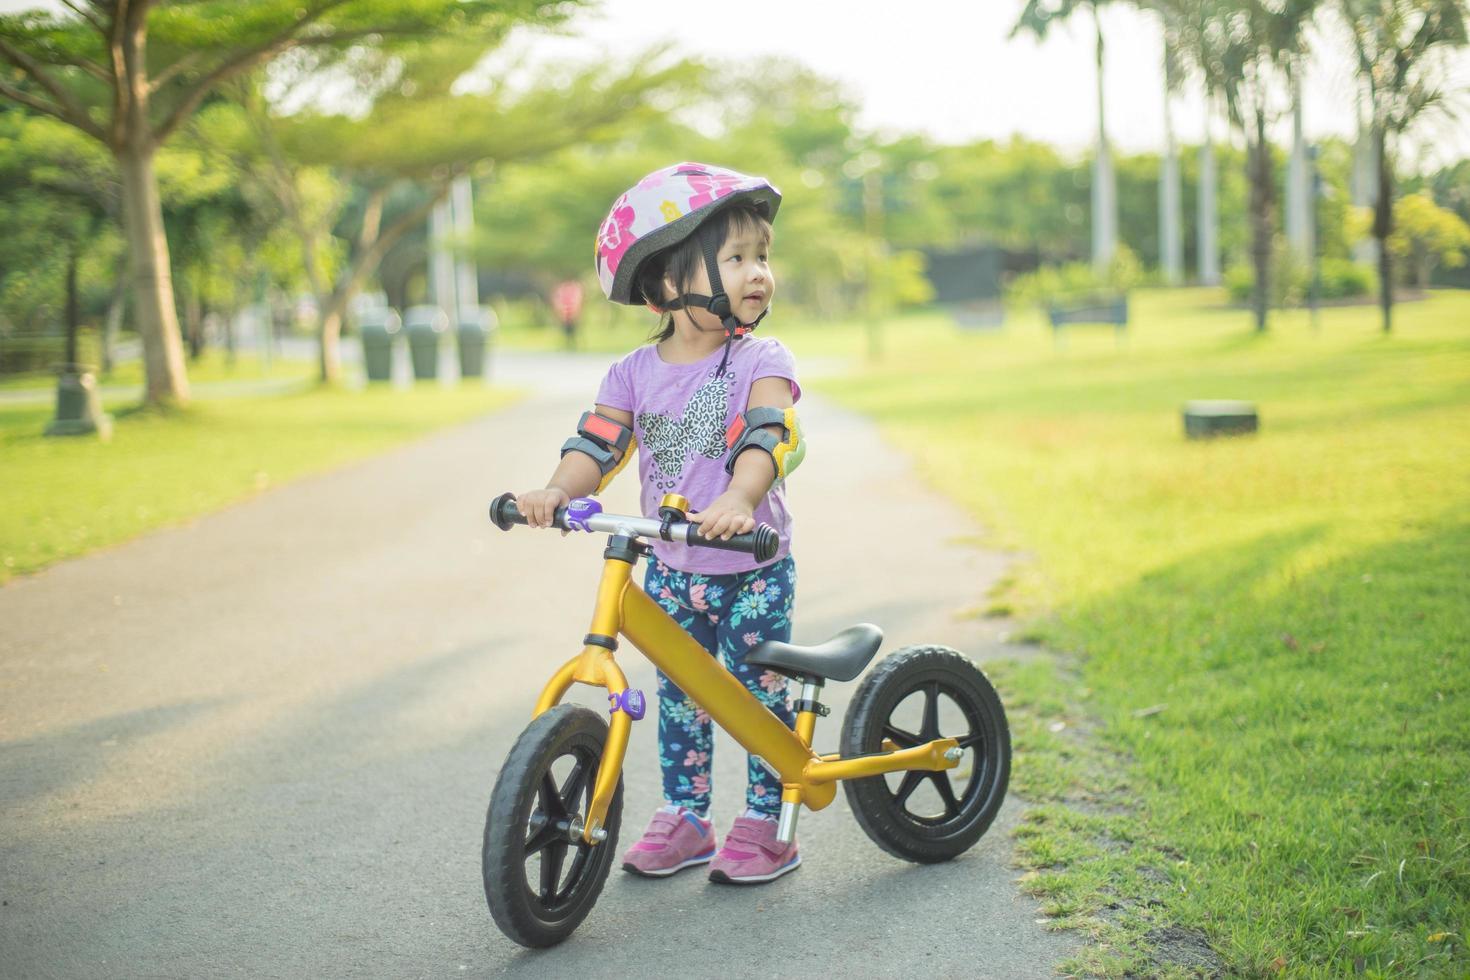 petite fille apprend le vélo à l'extérieur sur la piste cyclable photo